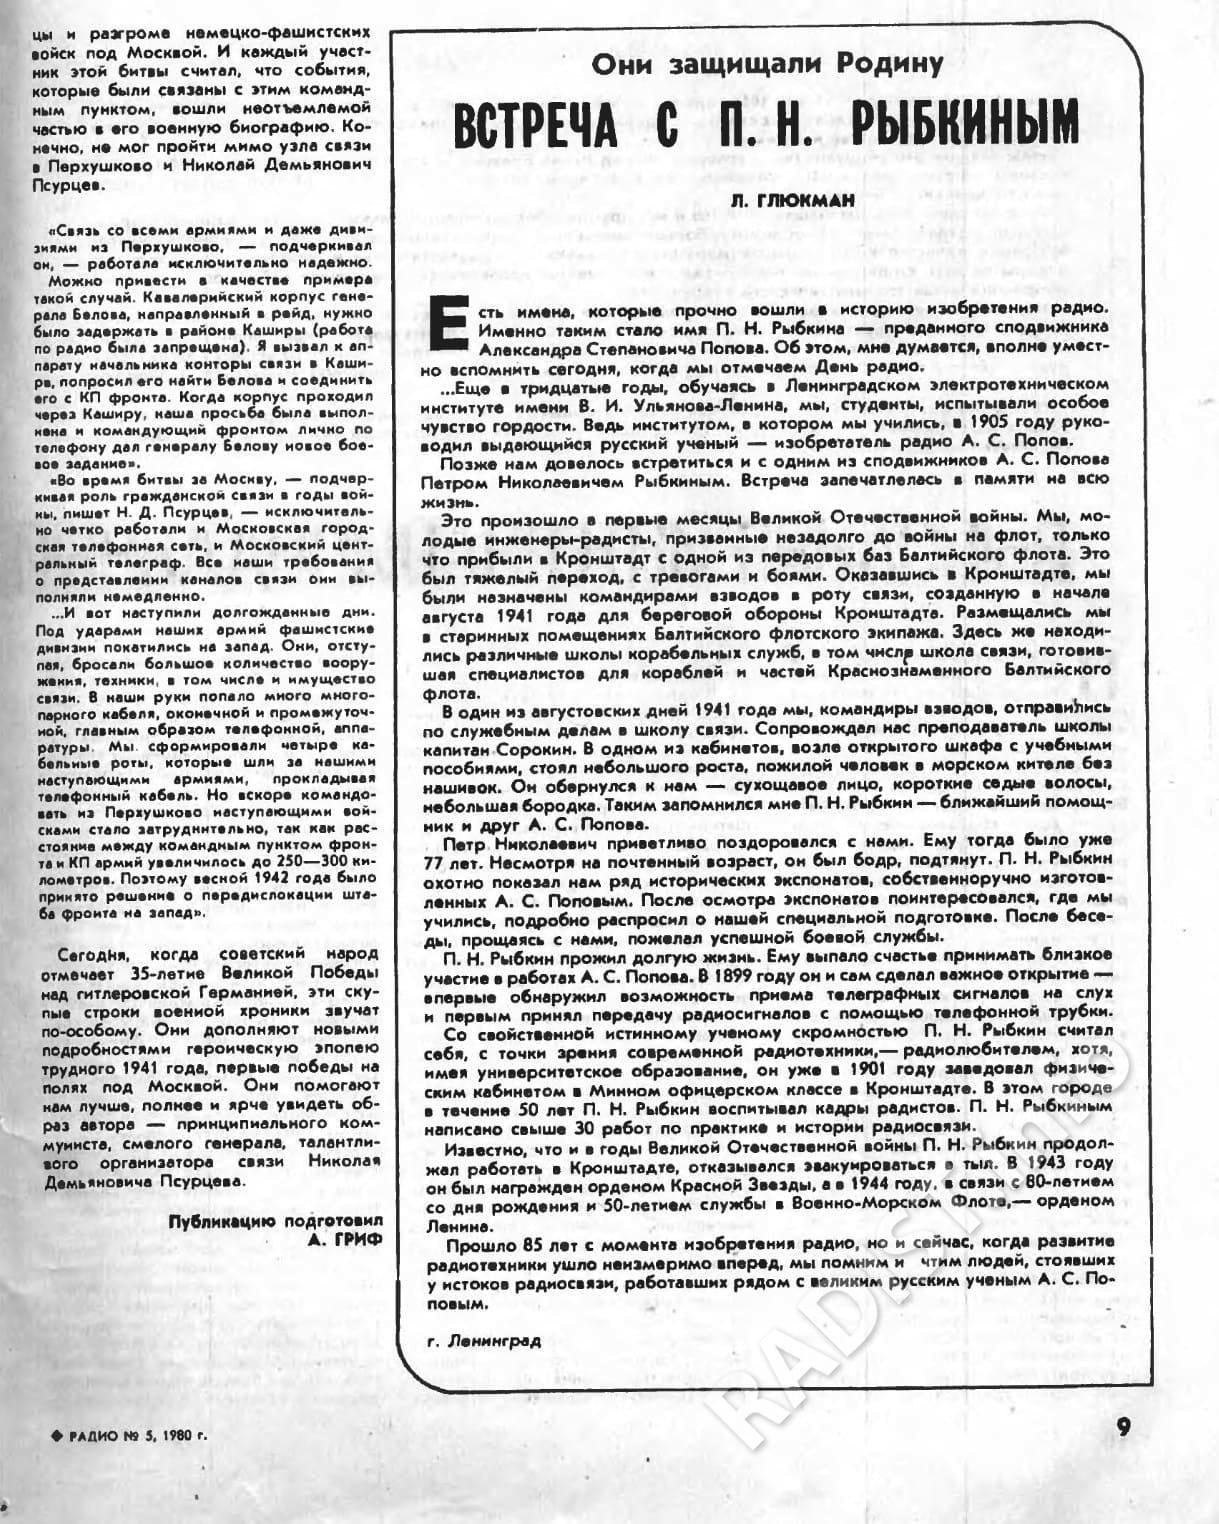 Статья в пятом выпуске журнала Радио «Они защищали Родину. Встреча с П.Н. Рыбкиным». Автор Л. Глюкман, Ленинград, 1980 г.